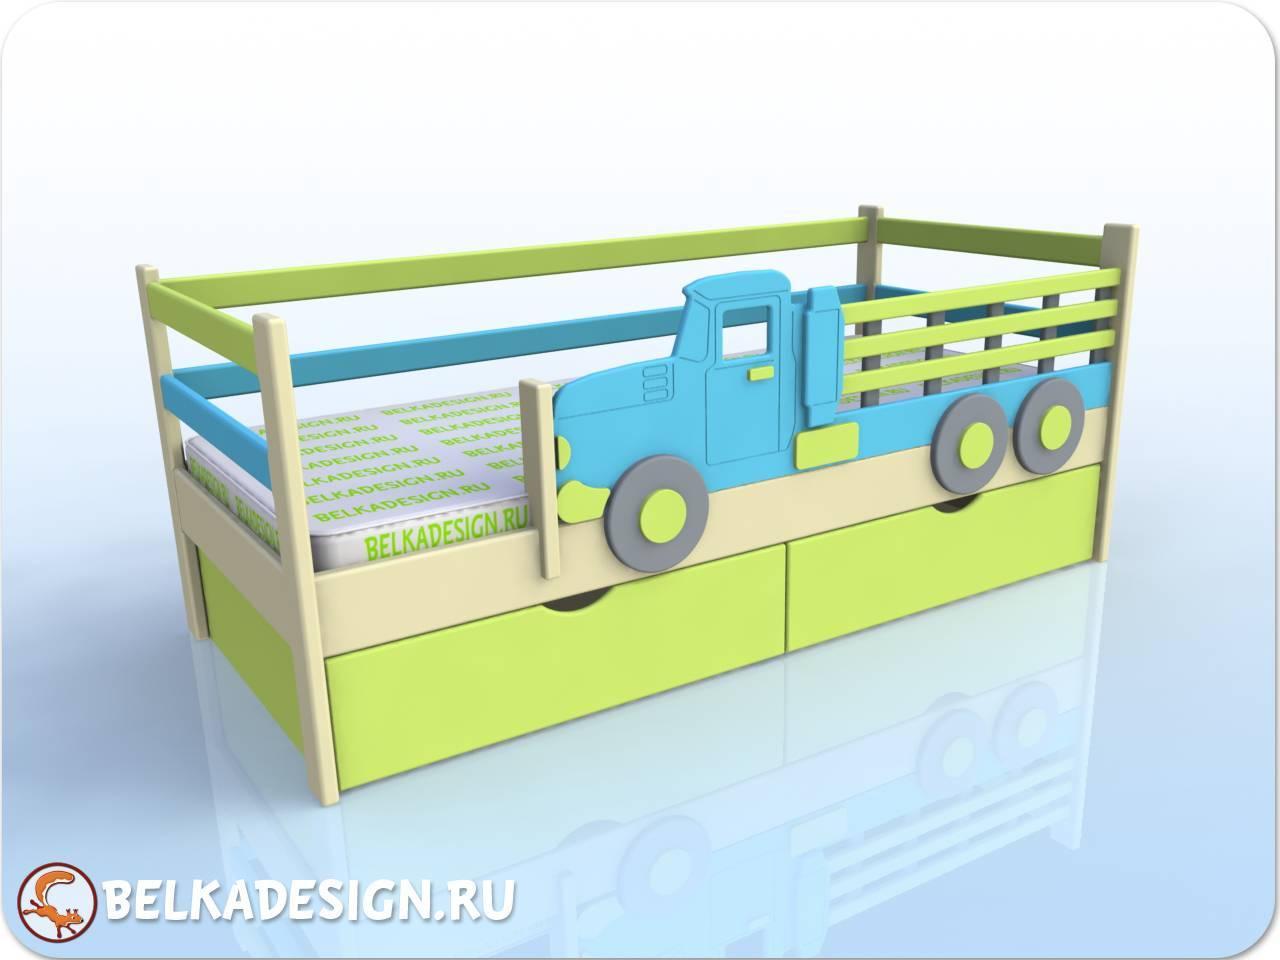 Кровать низкая с машиной - эмаль